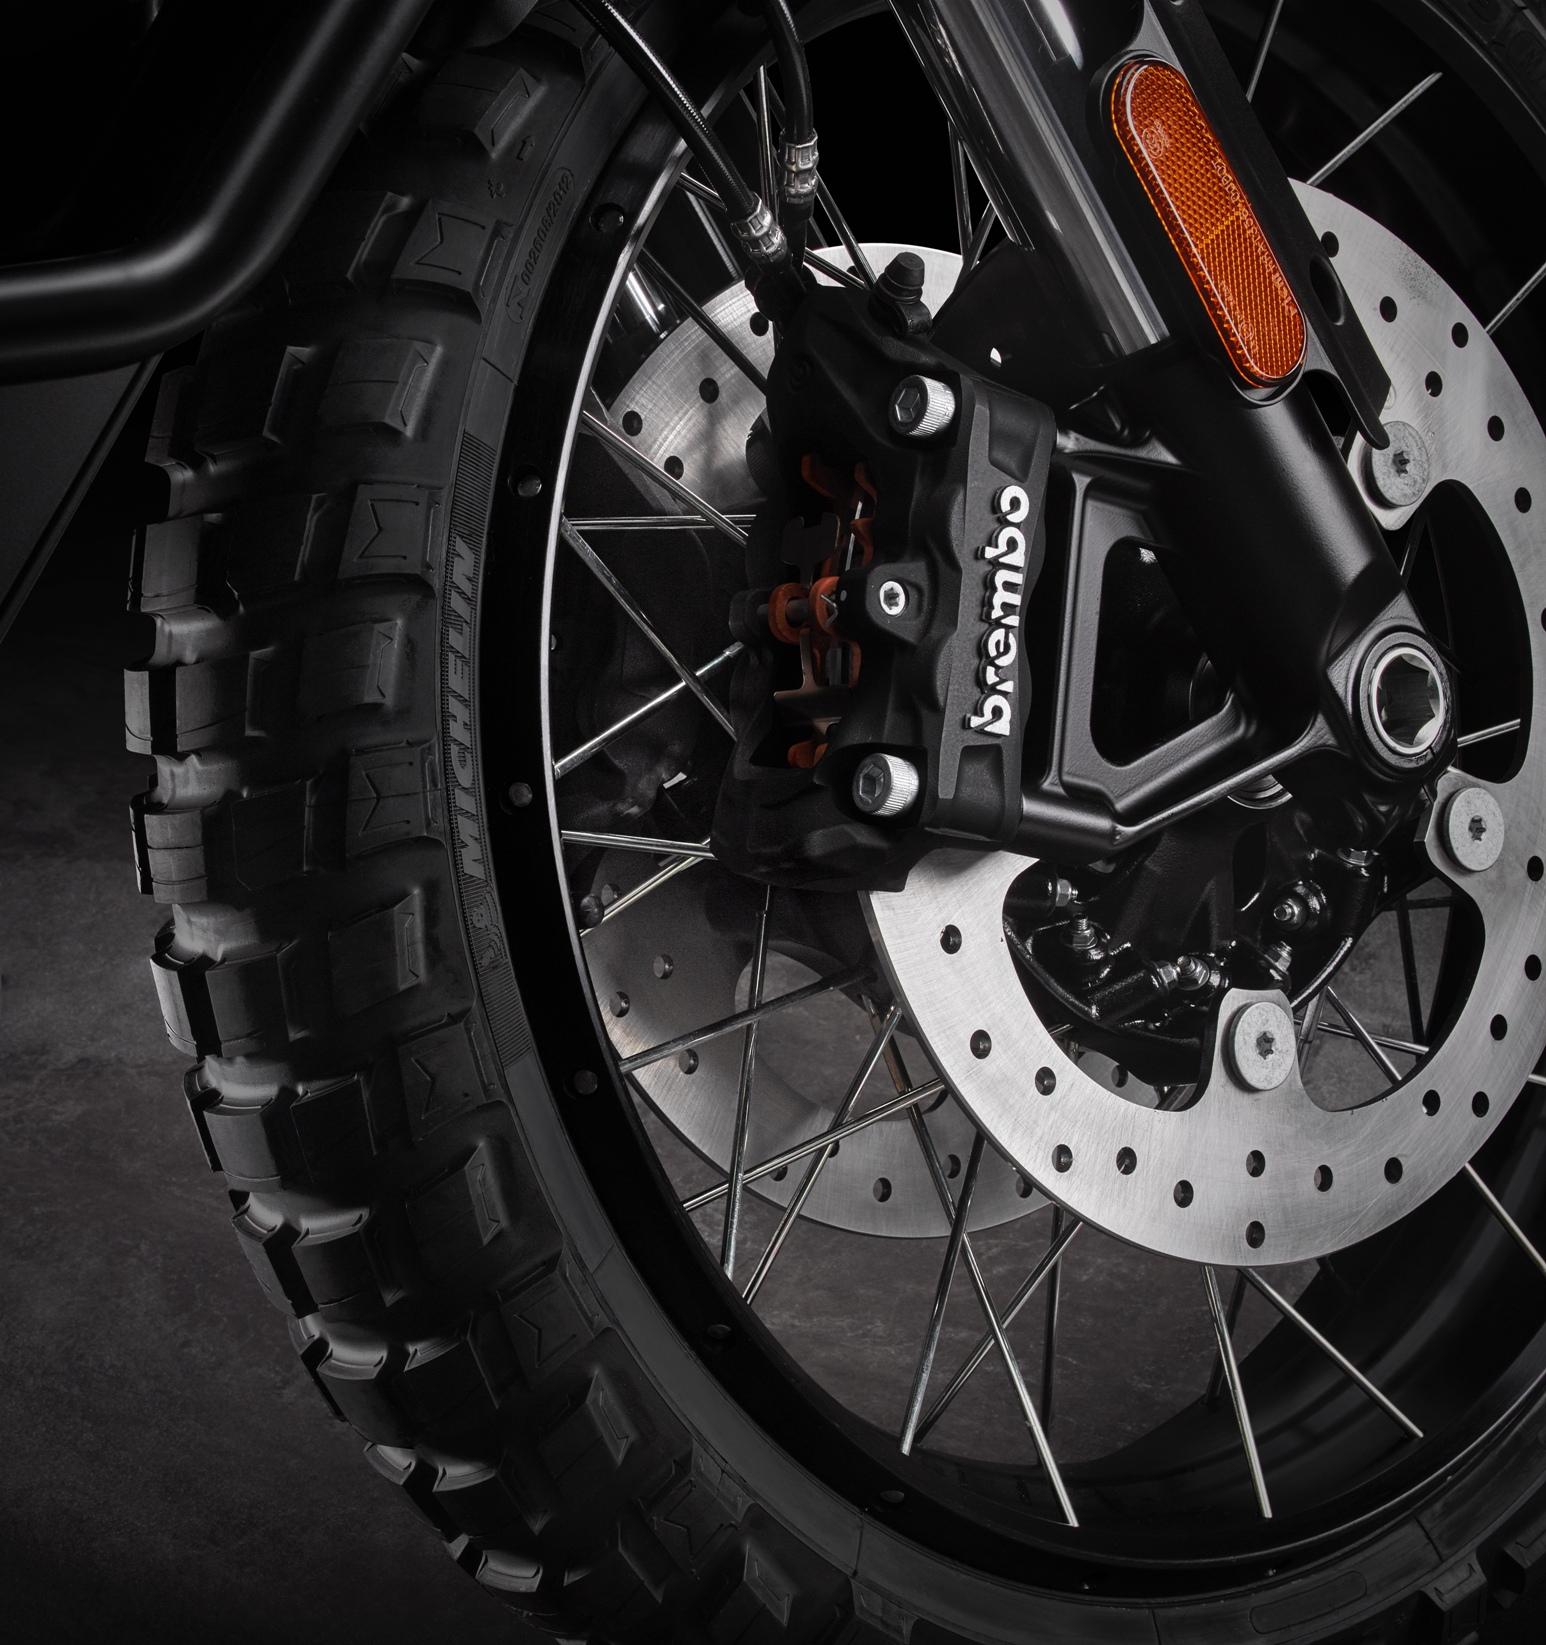 Pan America Motorcycle fornt brakes